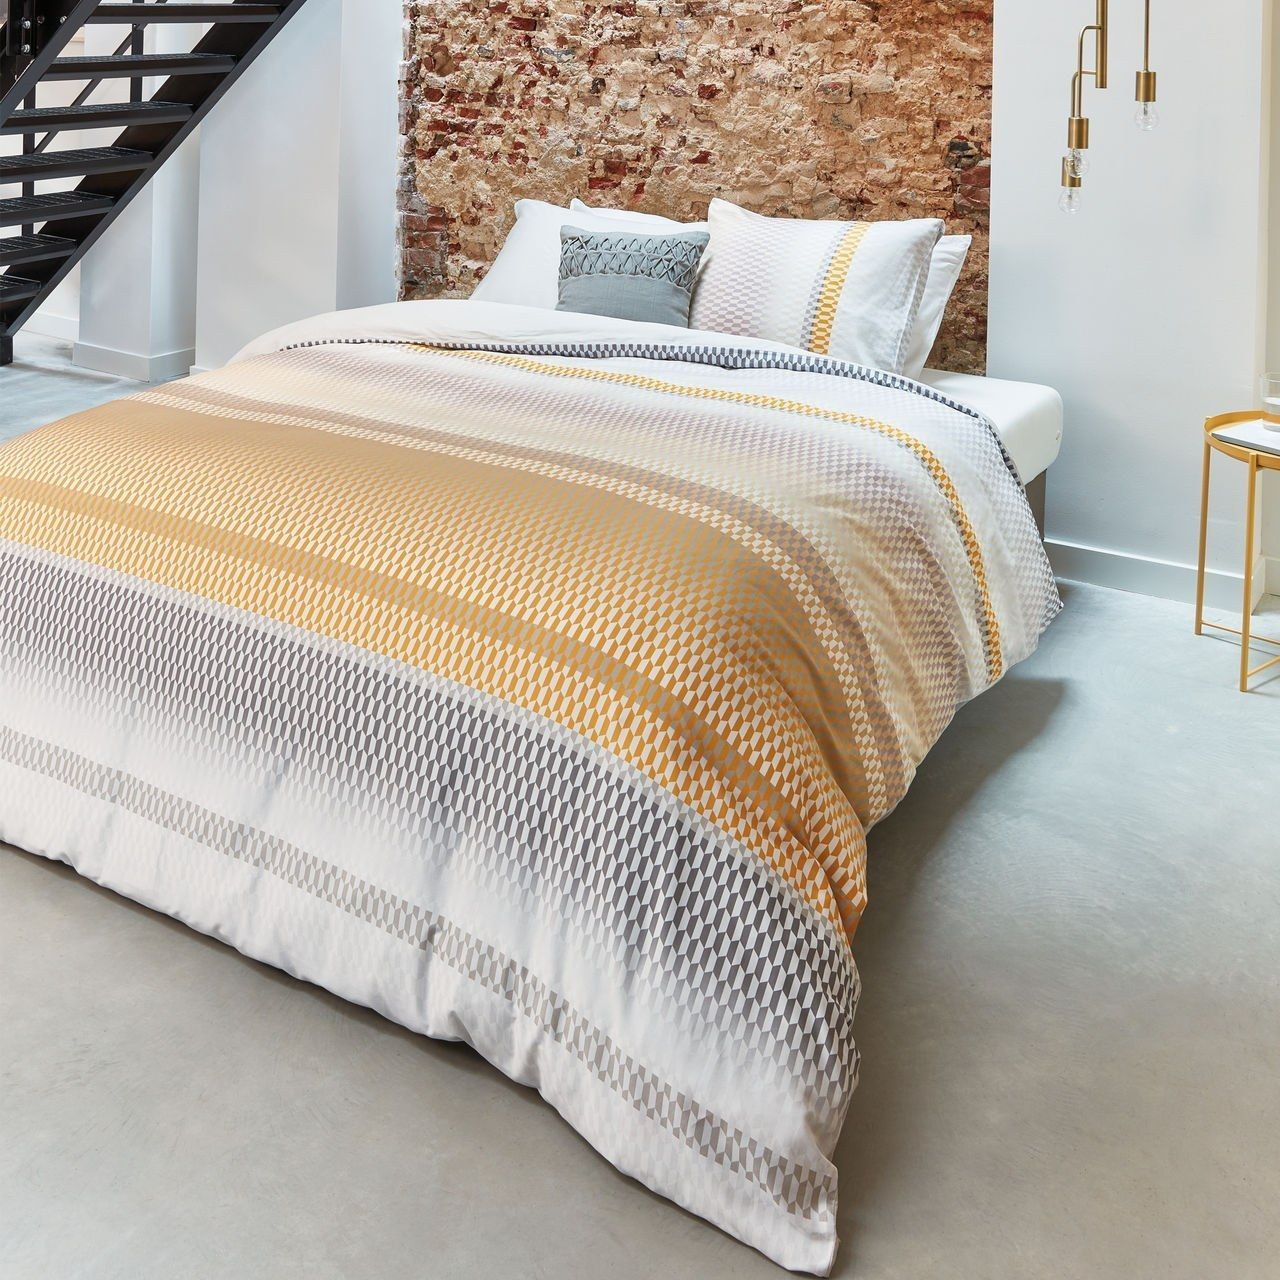 Kuschelige Bettwäsche in Gold und Beige